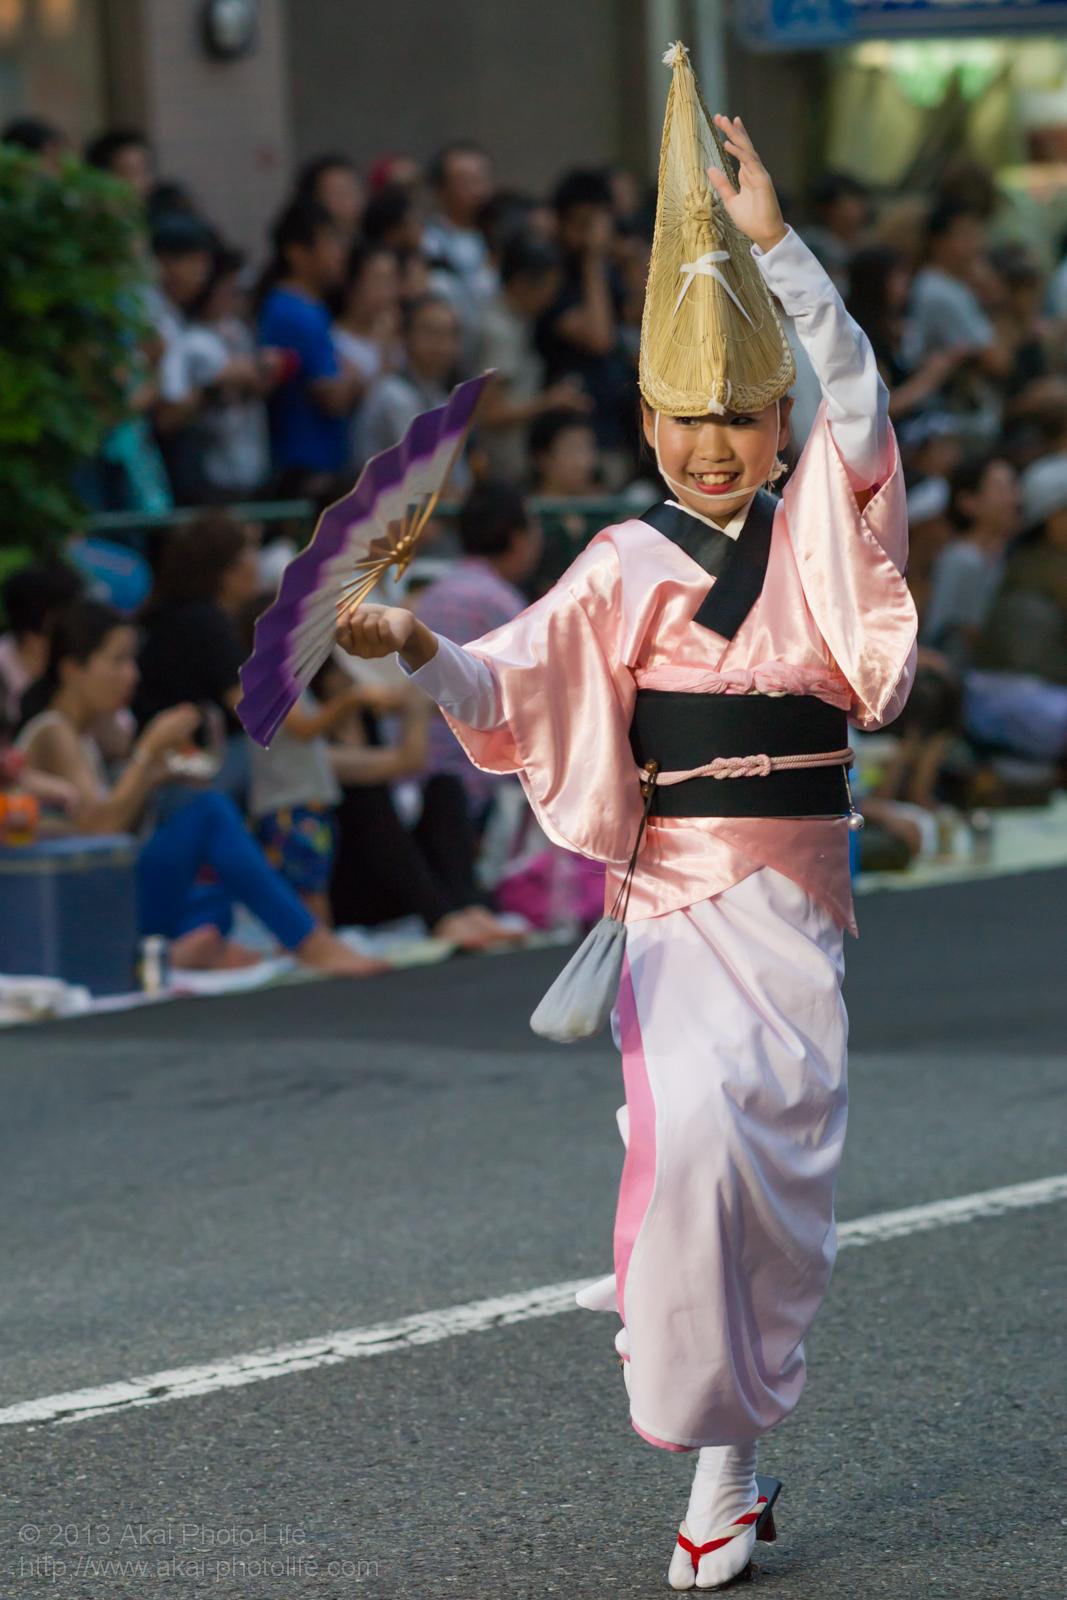 高円寺阿波踊り 粋輦の子供の扇子踊り